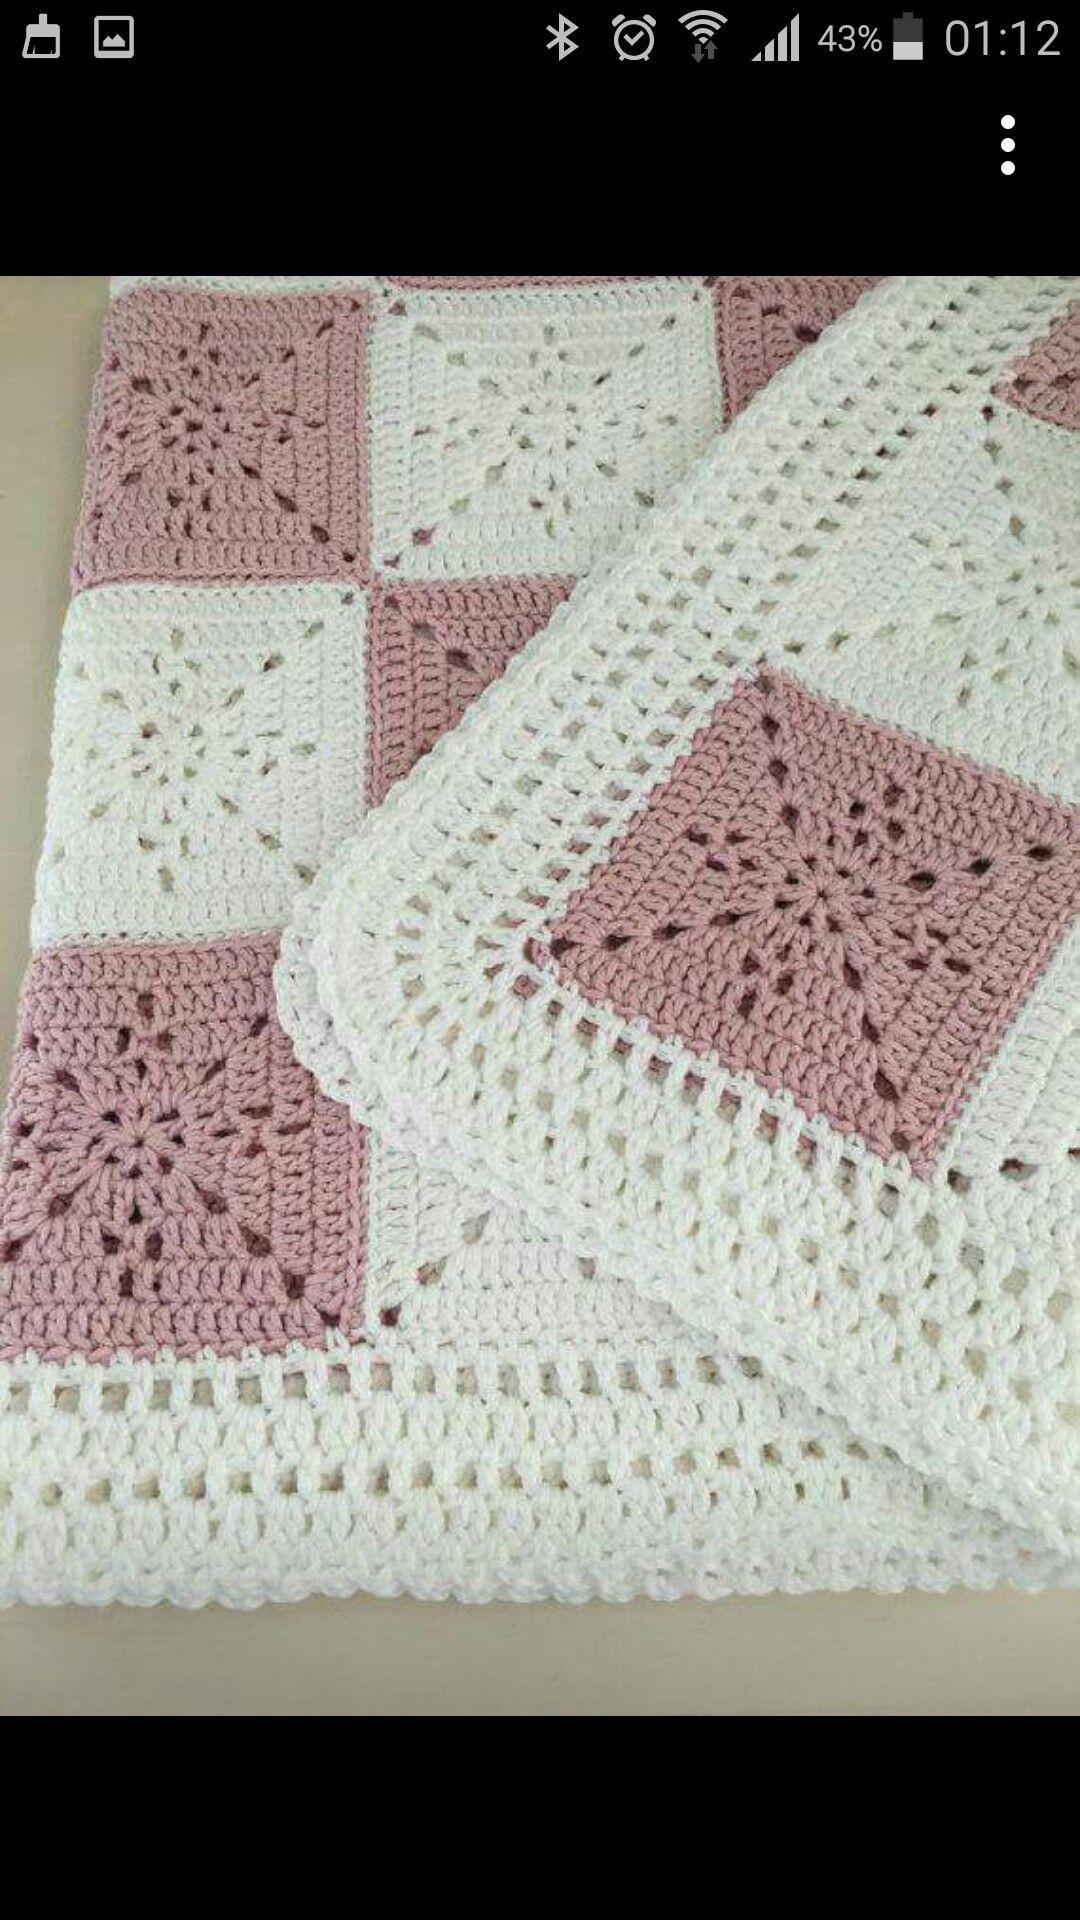 Pin de Tammie Gitchel en crocheting | Pinterest | Colchas y Tejido